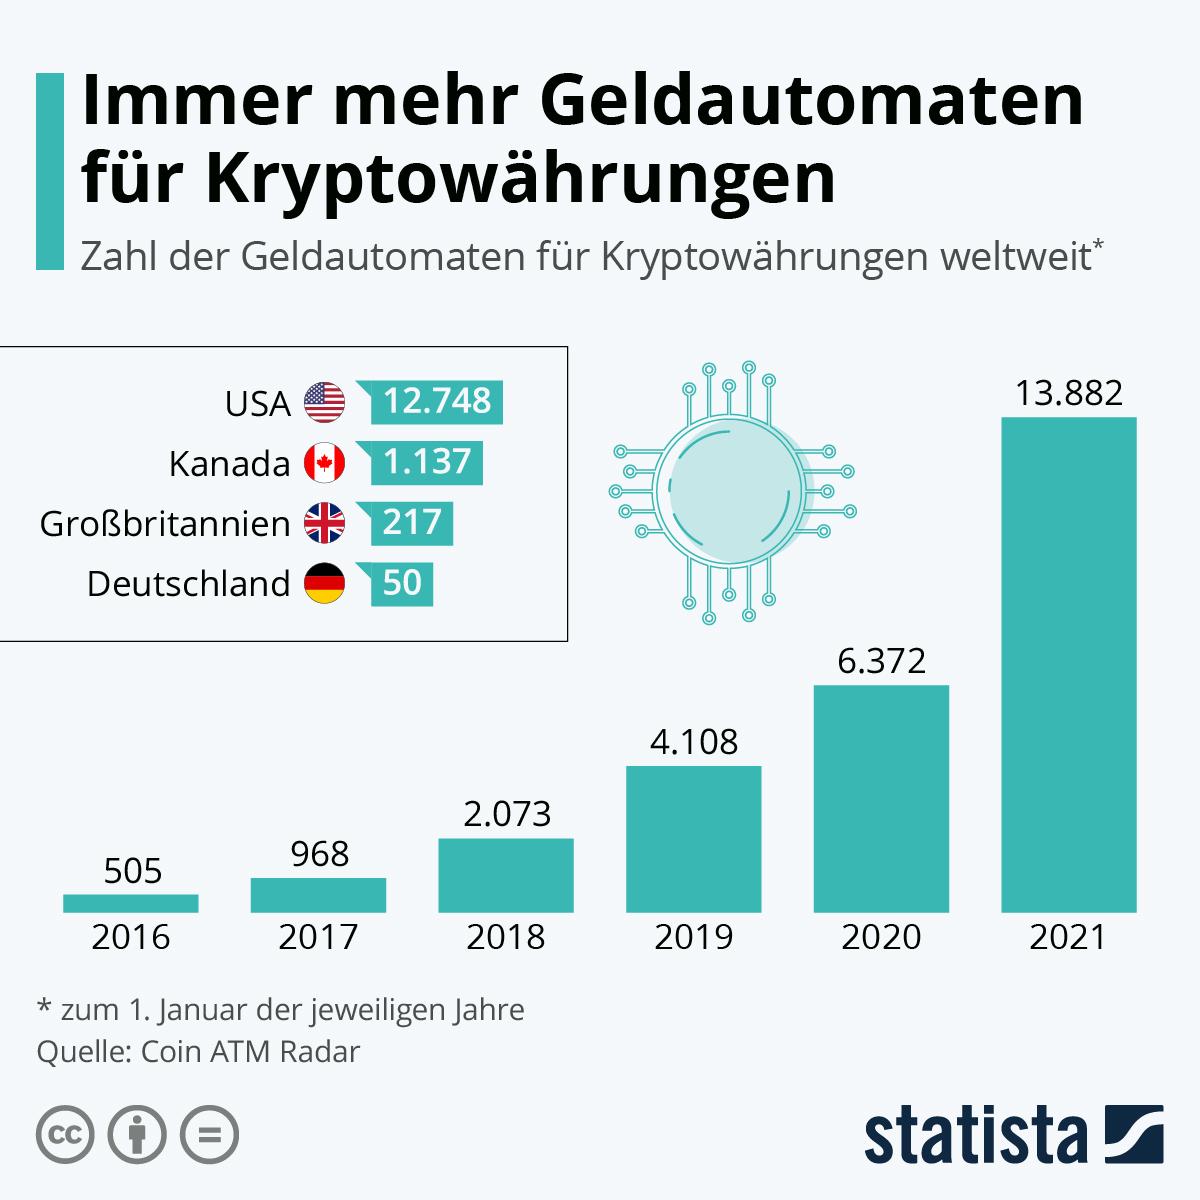 Infografik: Immer mehr Geldautomaten für Kryptowährungen | Statista